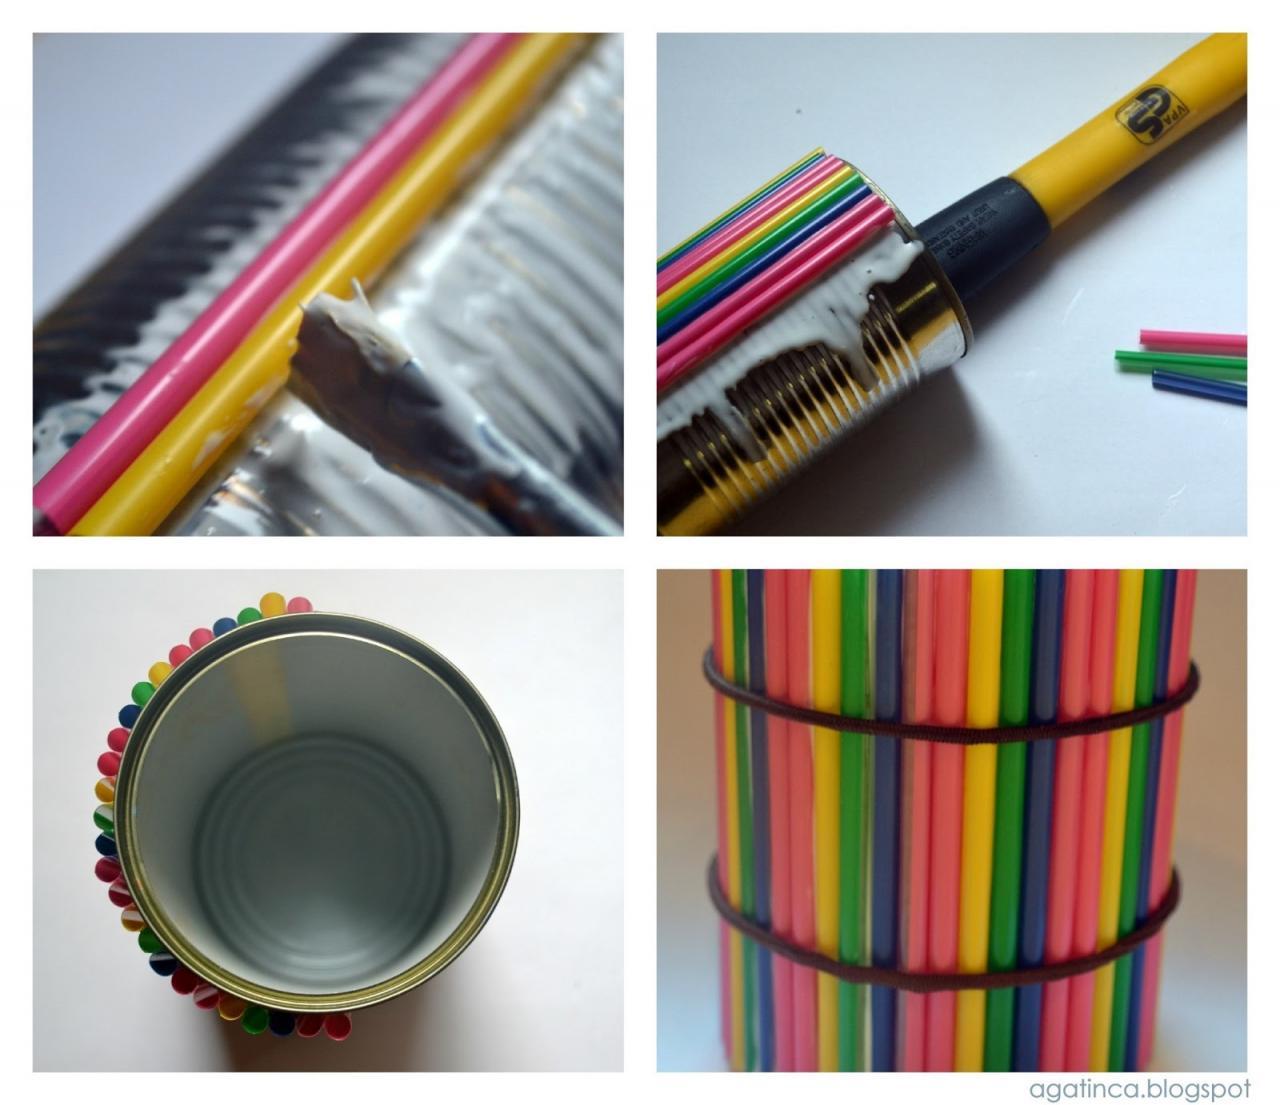 بالصور صنع اشياء مفيدة وبسيطة , طرق ووصفات سهلة لاعمال يدوية منزلية رائعة 10752 9